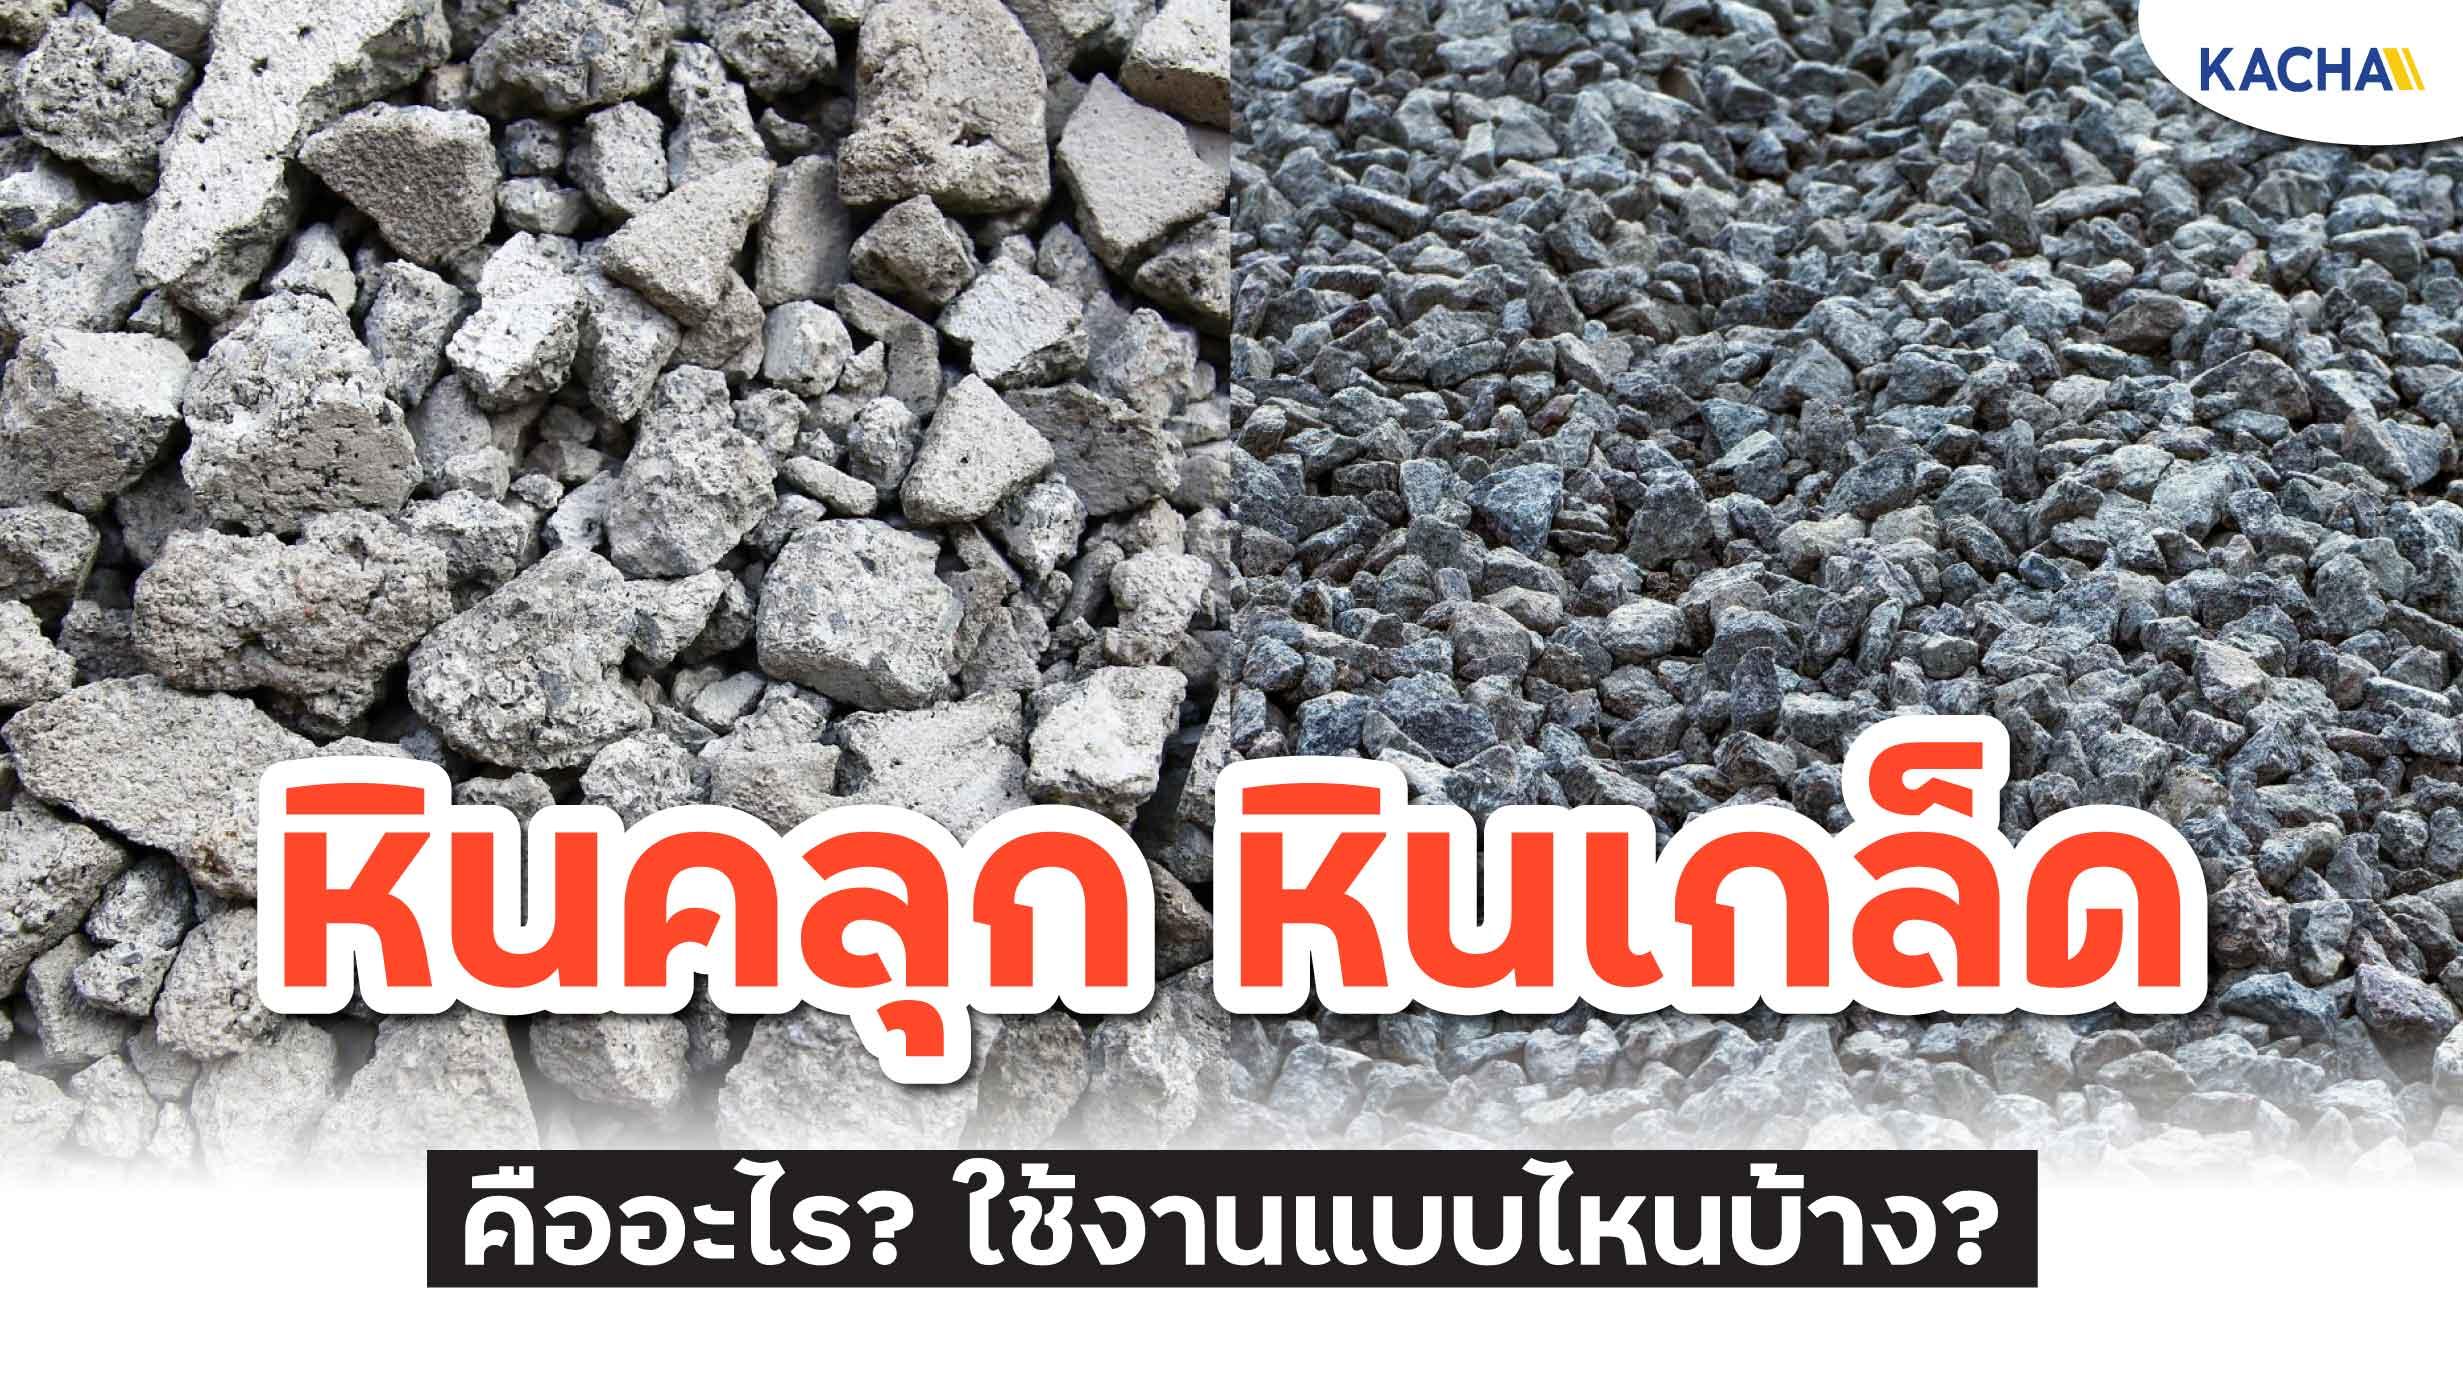 210410-Content-หินคลุก-หินเกล็ด-คืออะไร-ใช้งานต่างกันไหม01